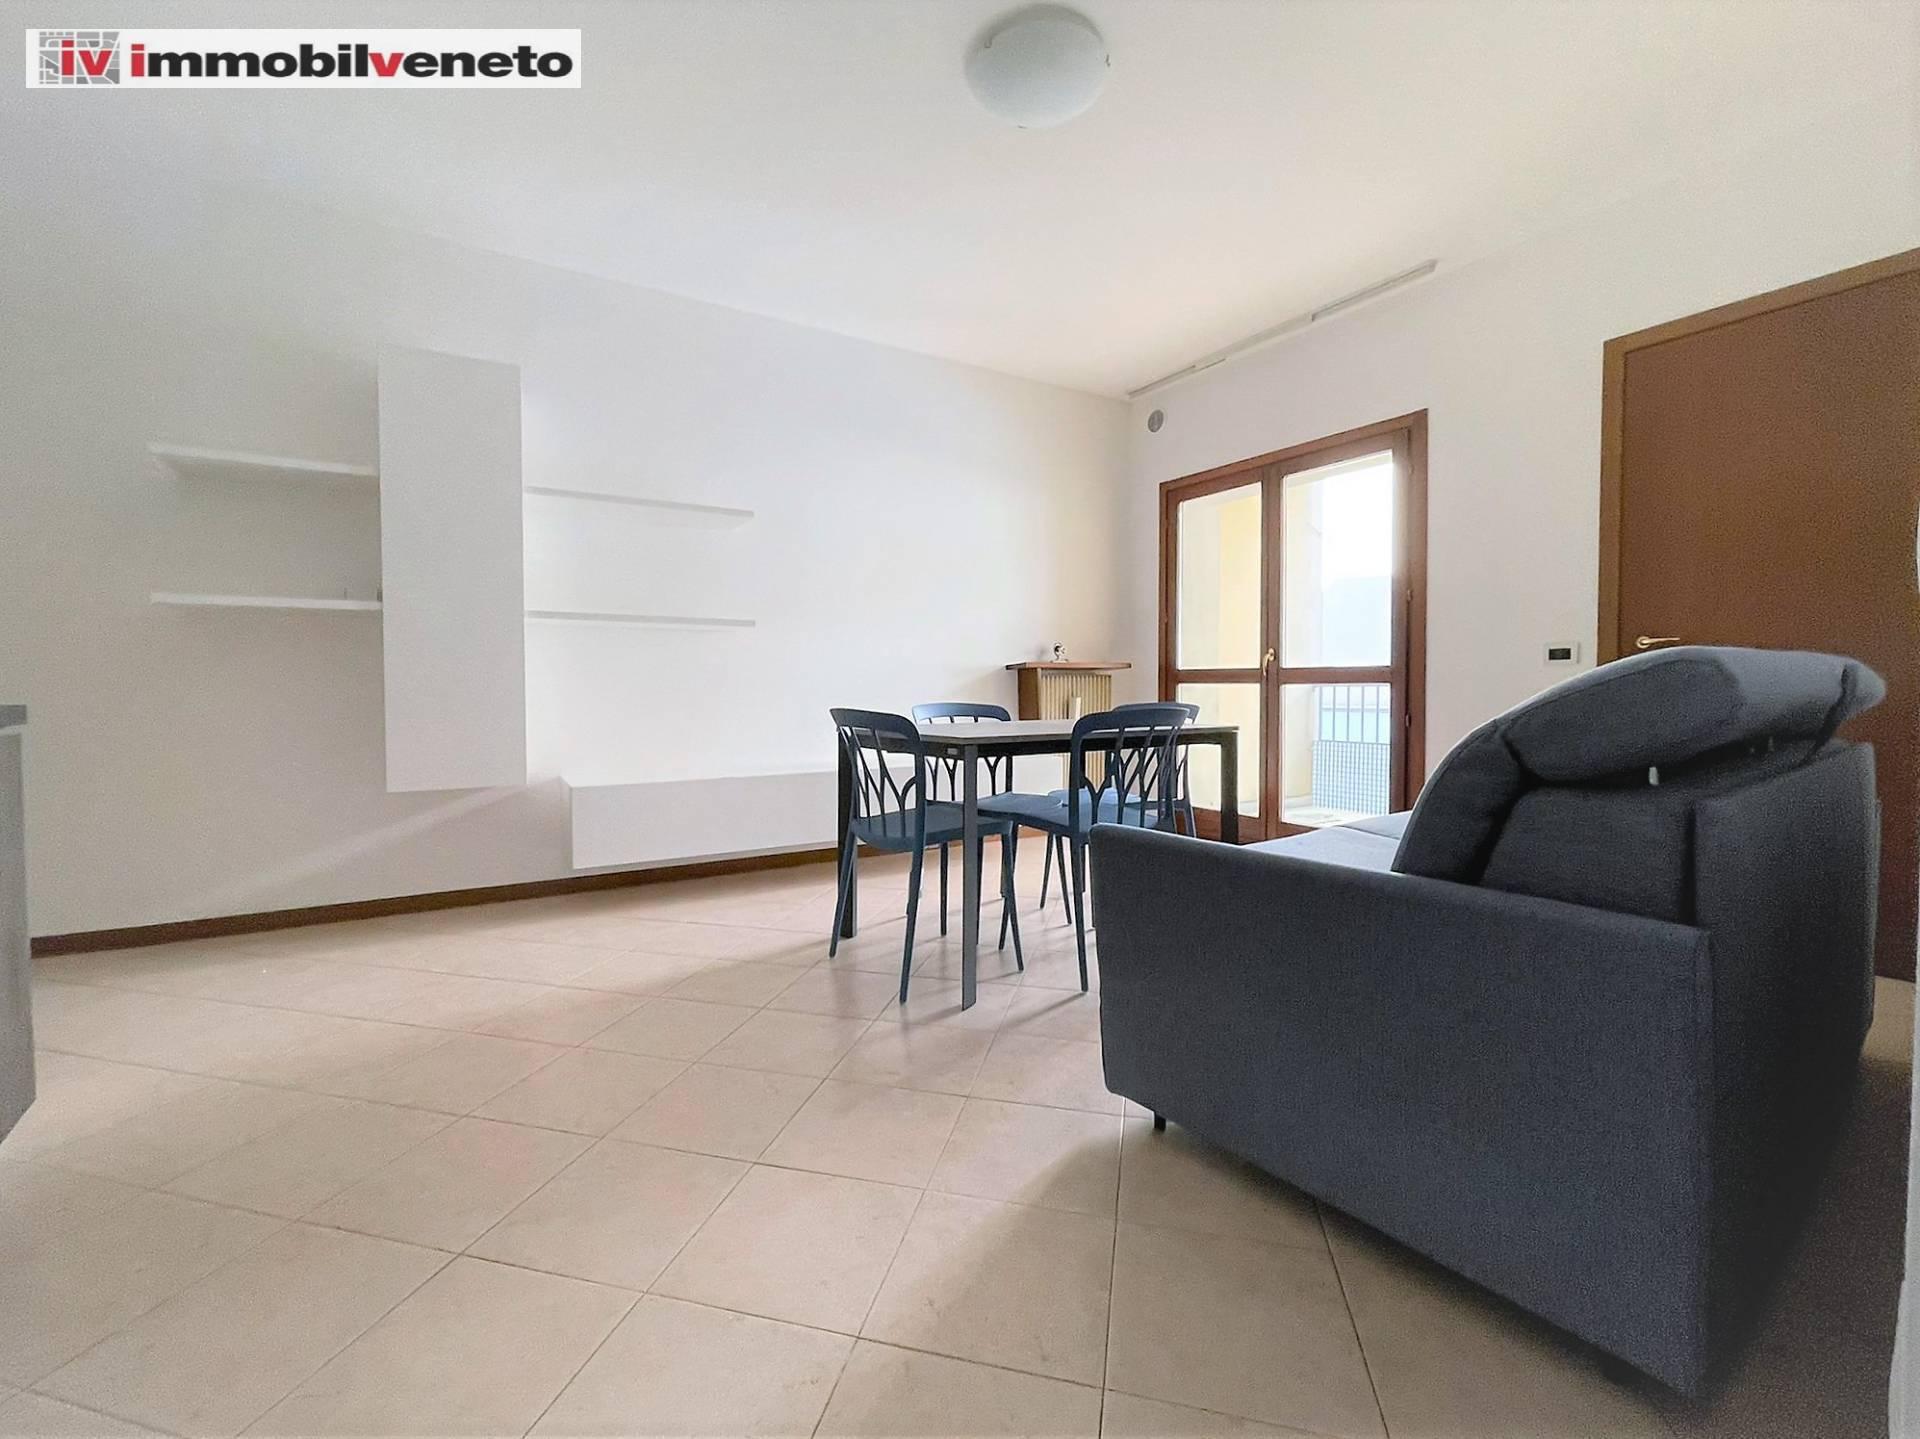 Appartamento in affitto a Lonigo, 3 locali, prezzo € 500 | CambioCasa.it